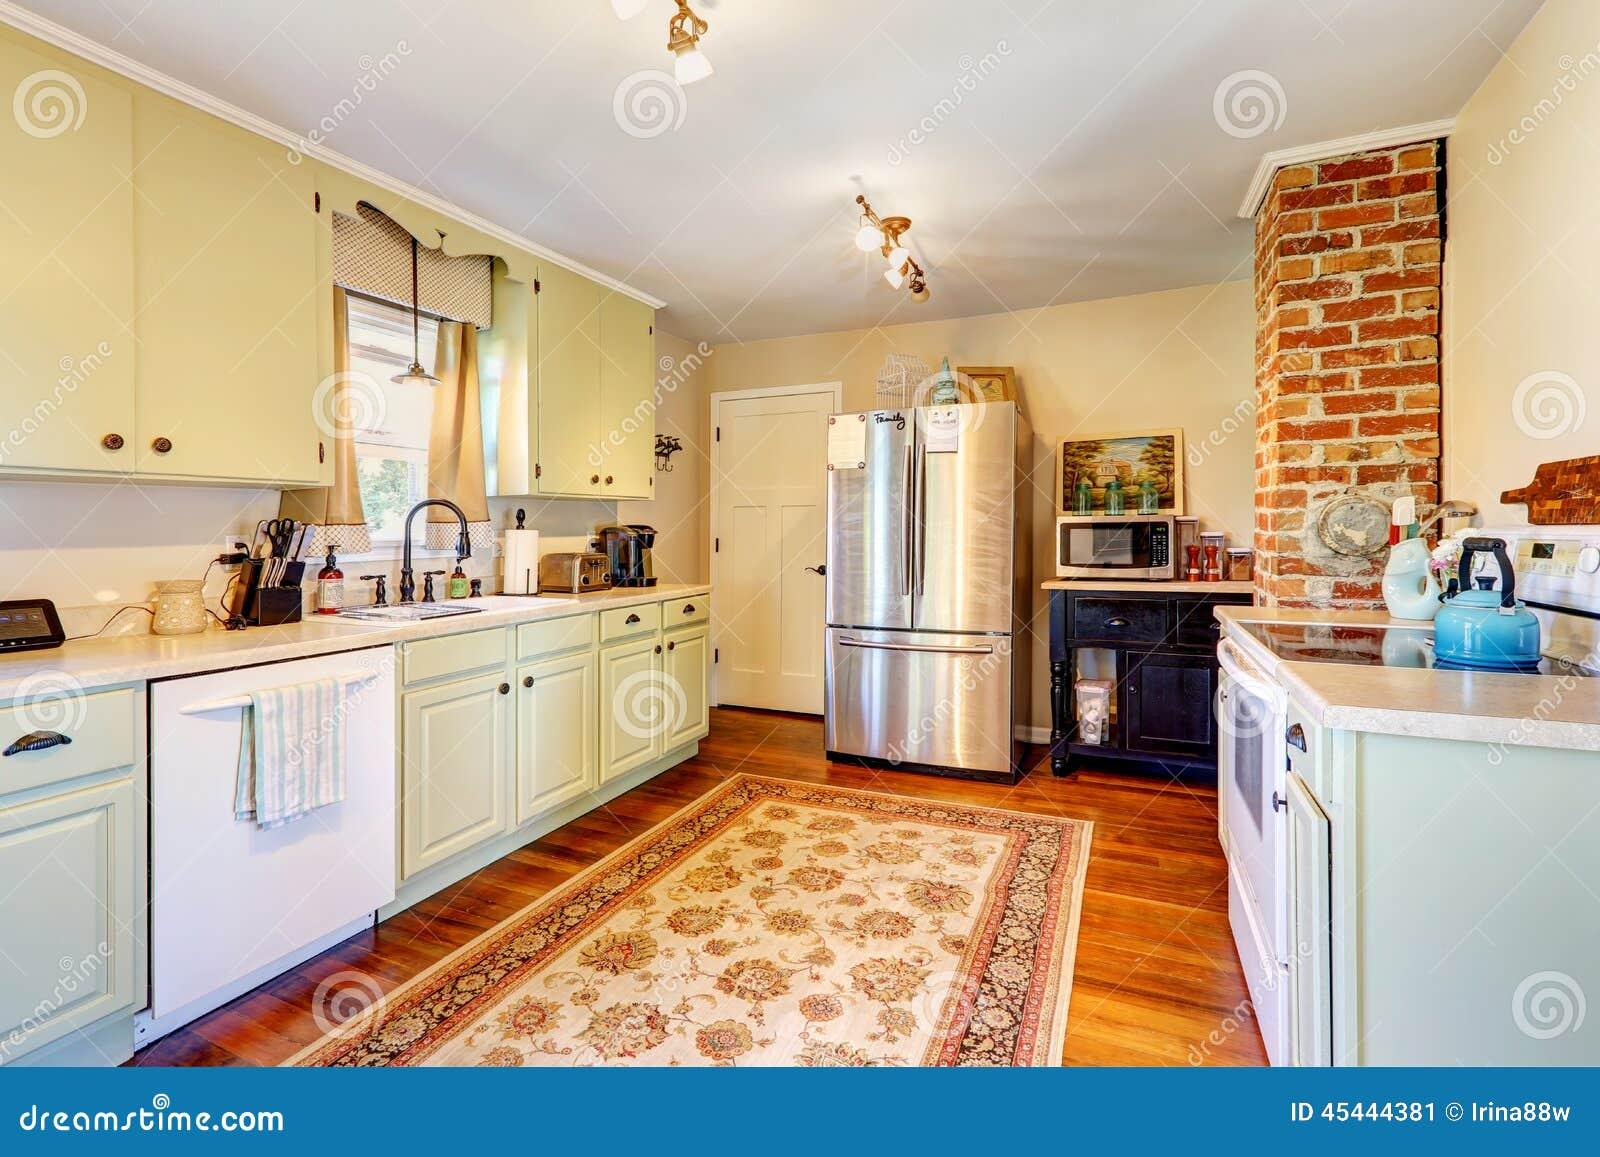 Het binnenland van de keukenruimte in oud huis stock foto afbeelding 45444381 - Optimaliseer de keukenruimte ...